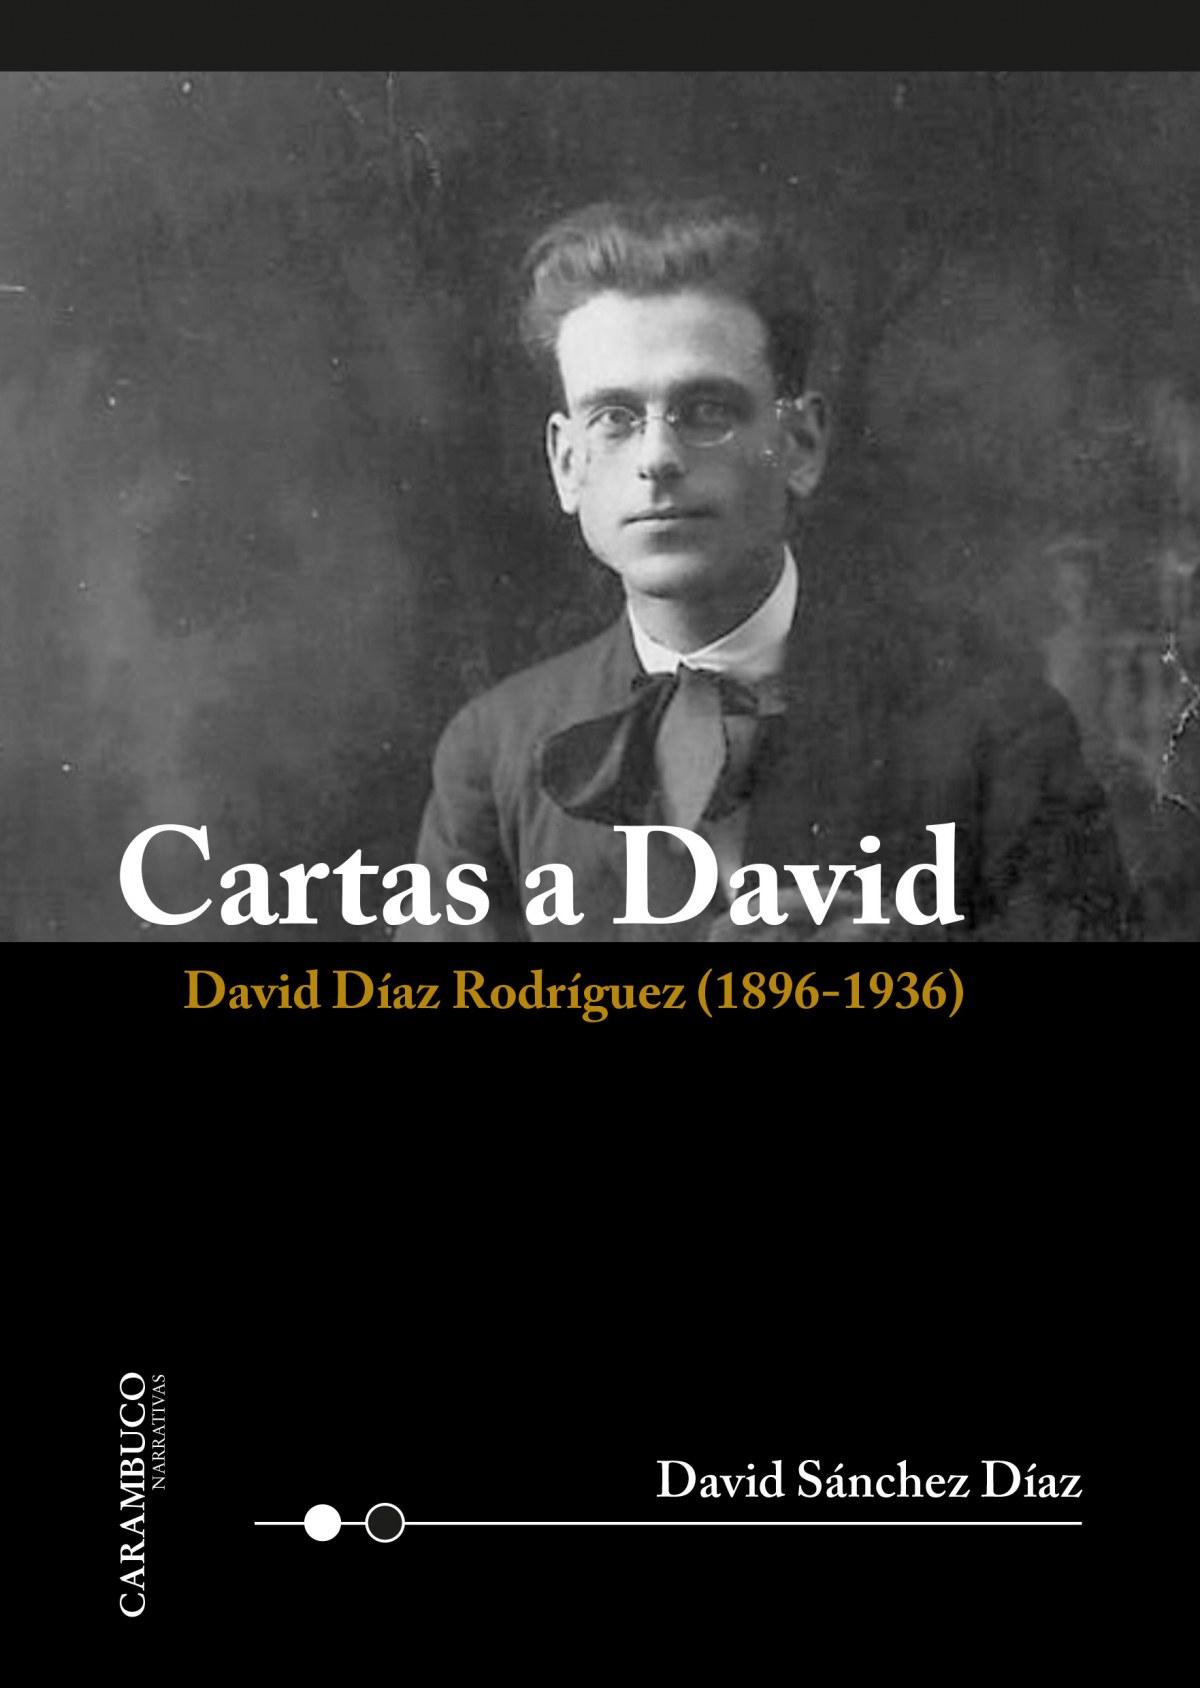 Cartas a David. David D¡az Rodr¡guez (1896-1936) 9788412241808